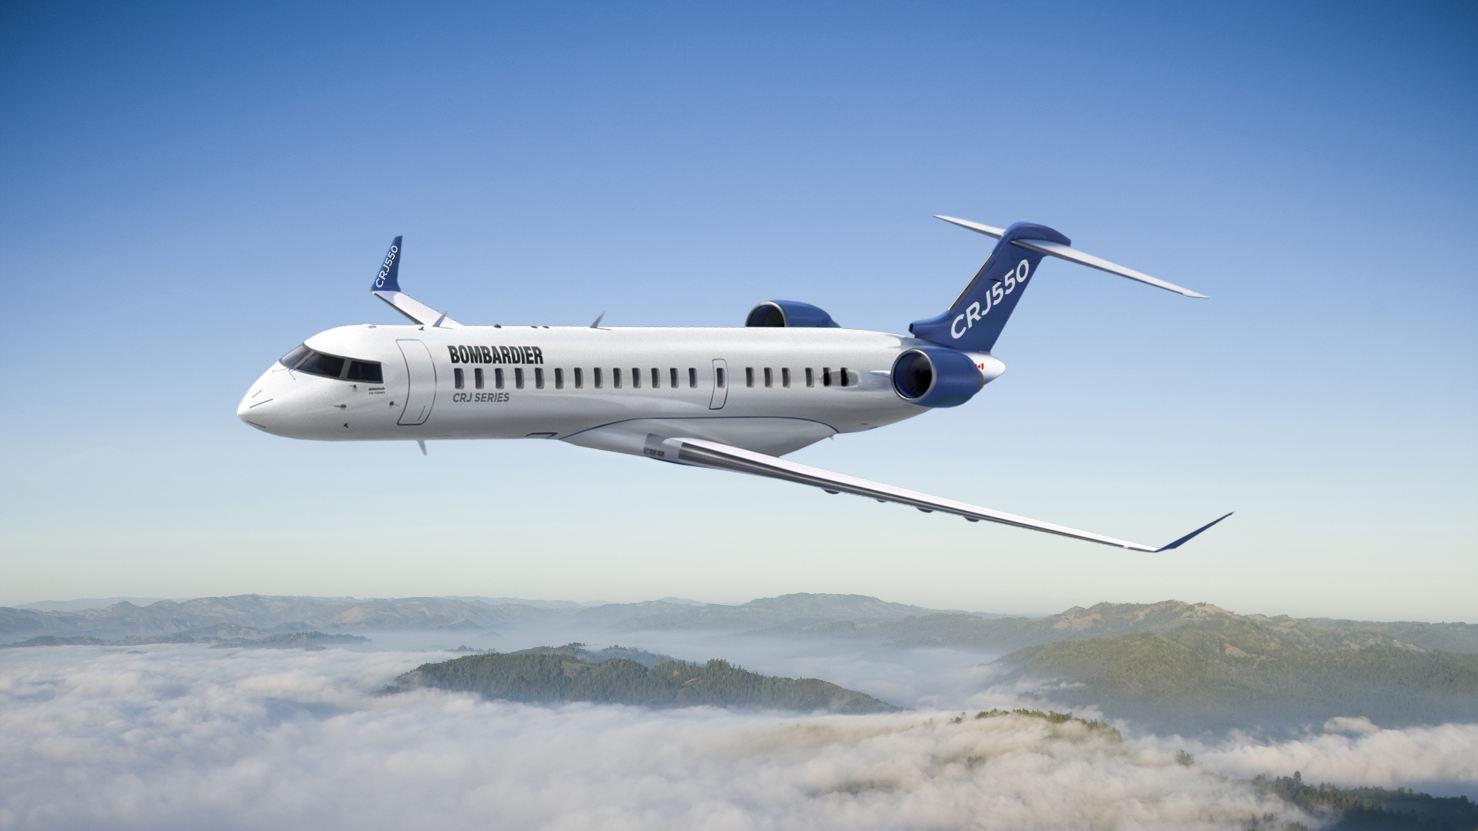 Bombardier lance le CRJ550, un biréacteur régional de 50 places